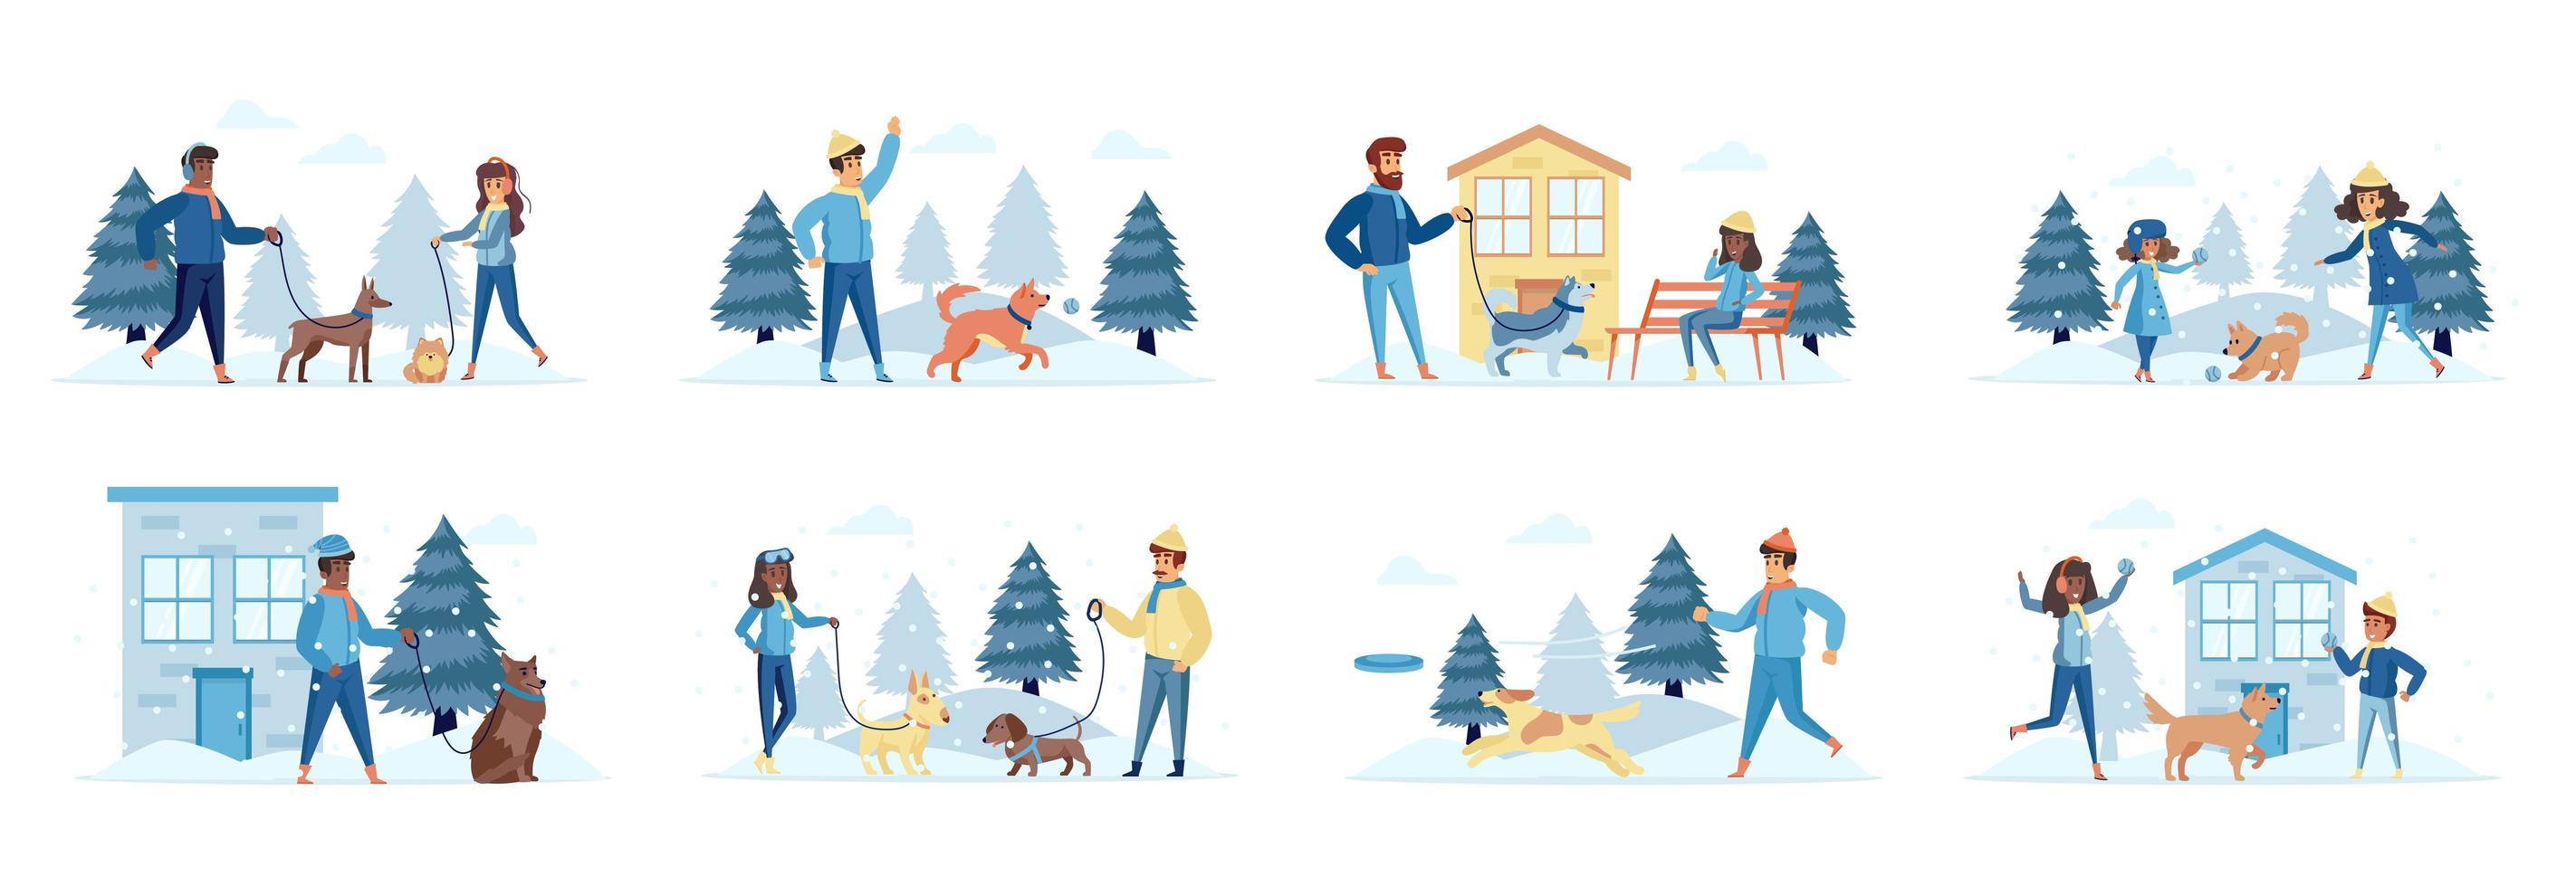 caminhantes de cães agrupam cenas com personagens de pessoas vetor